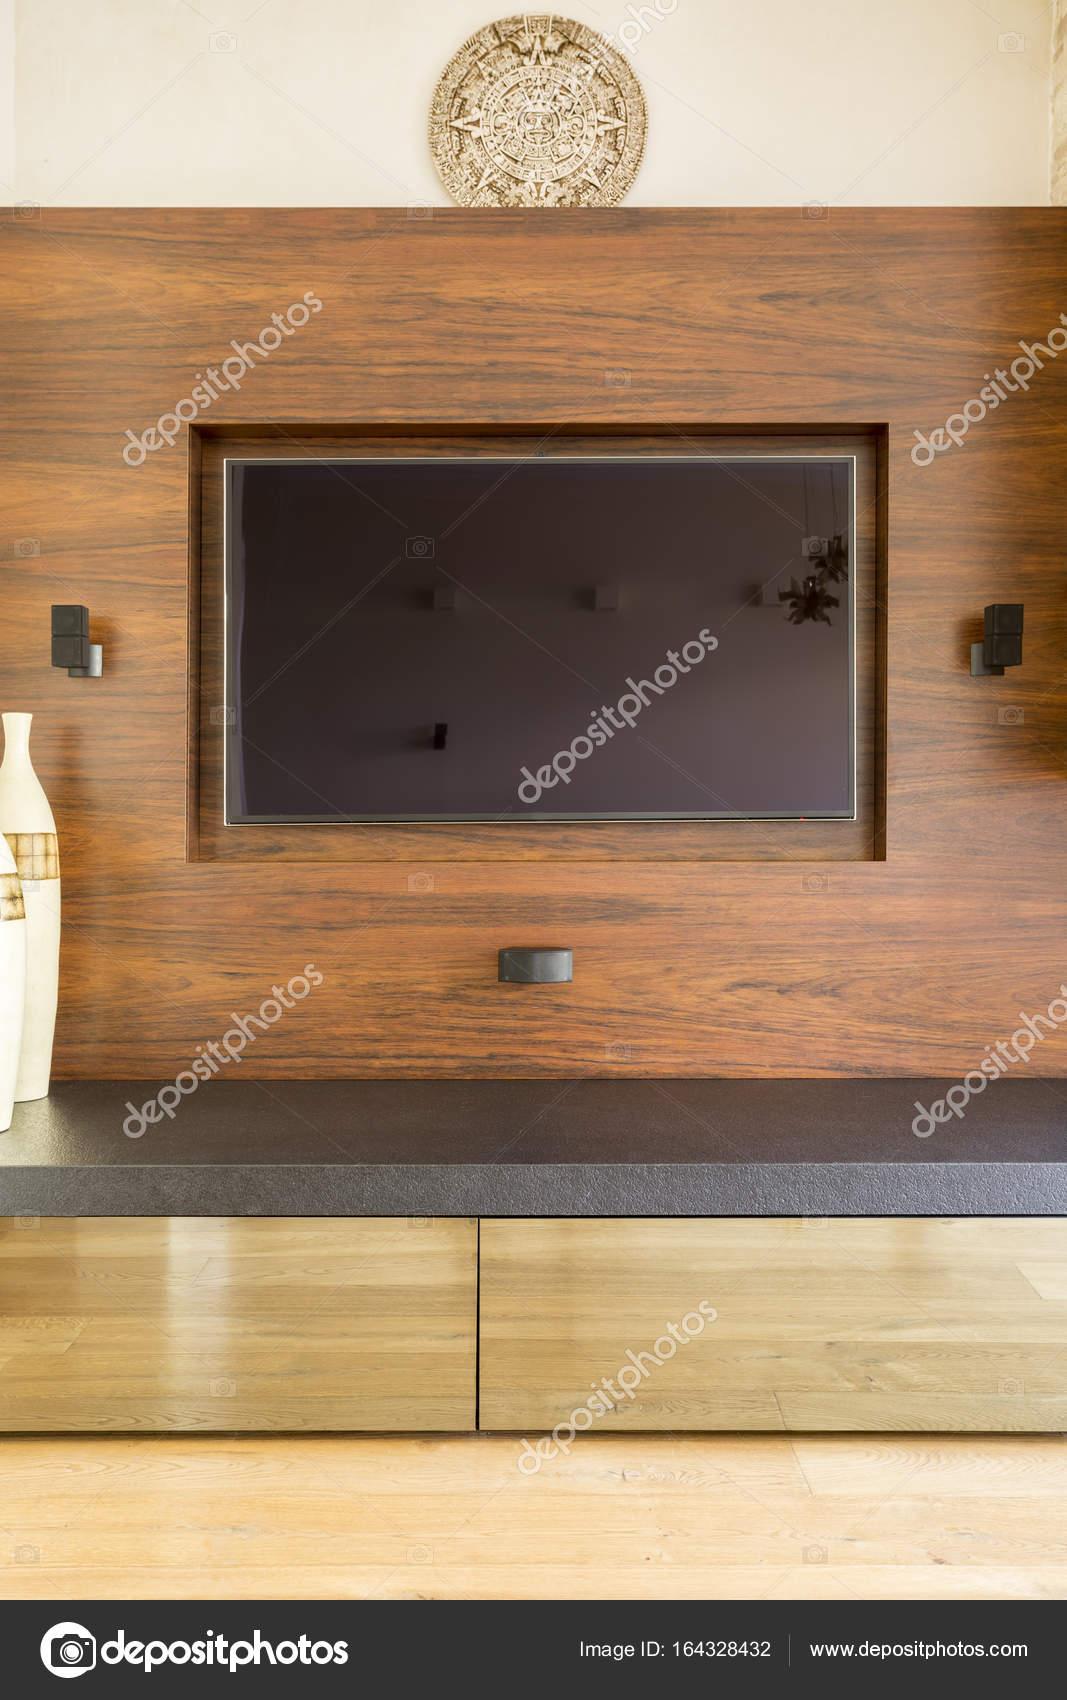 tv an der wand mit dem maya kalender dar ber stockfoto 164328432. Black Bedroom Furniture Sets. Home Design Ideas